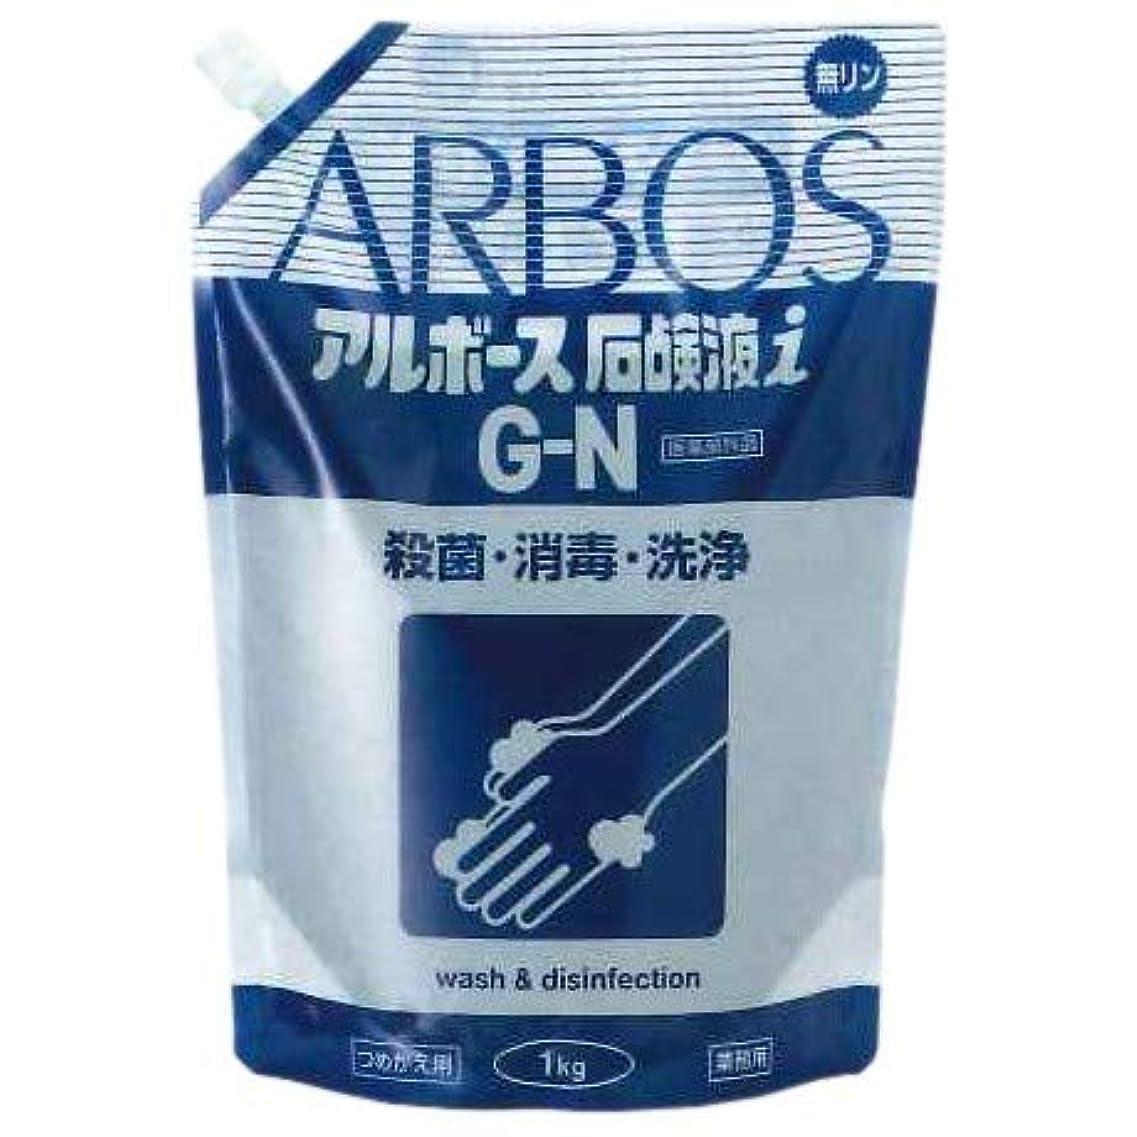 桁コールドラリーアルボース 薬用ハンドソープ アルボース石鹸液i G-N 濃縮タイプ 1kg×18袋